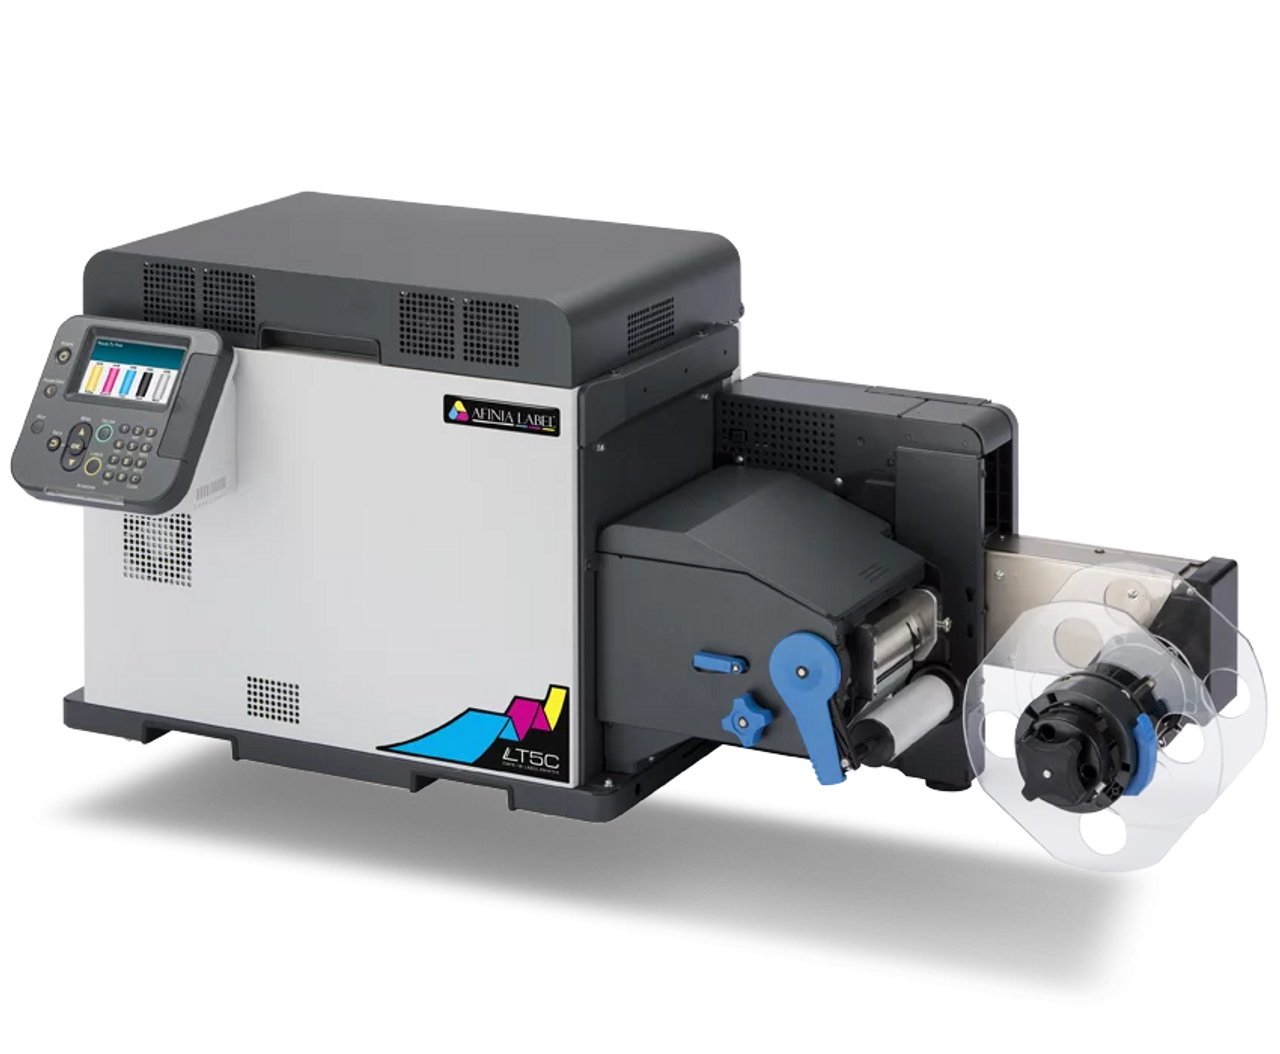 Afinia LT5C LED Label Printer sold separately